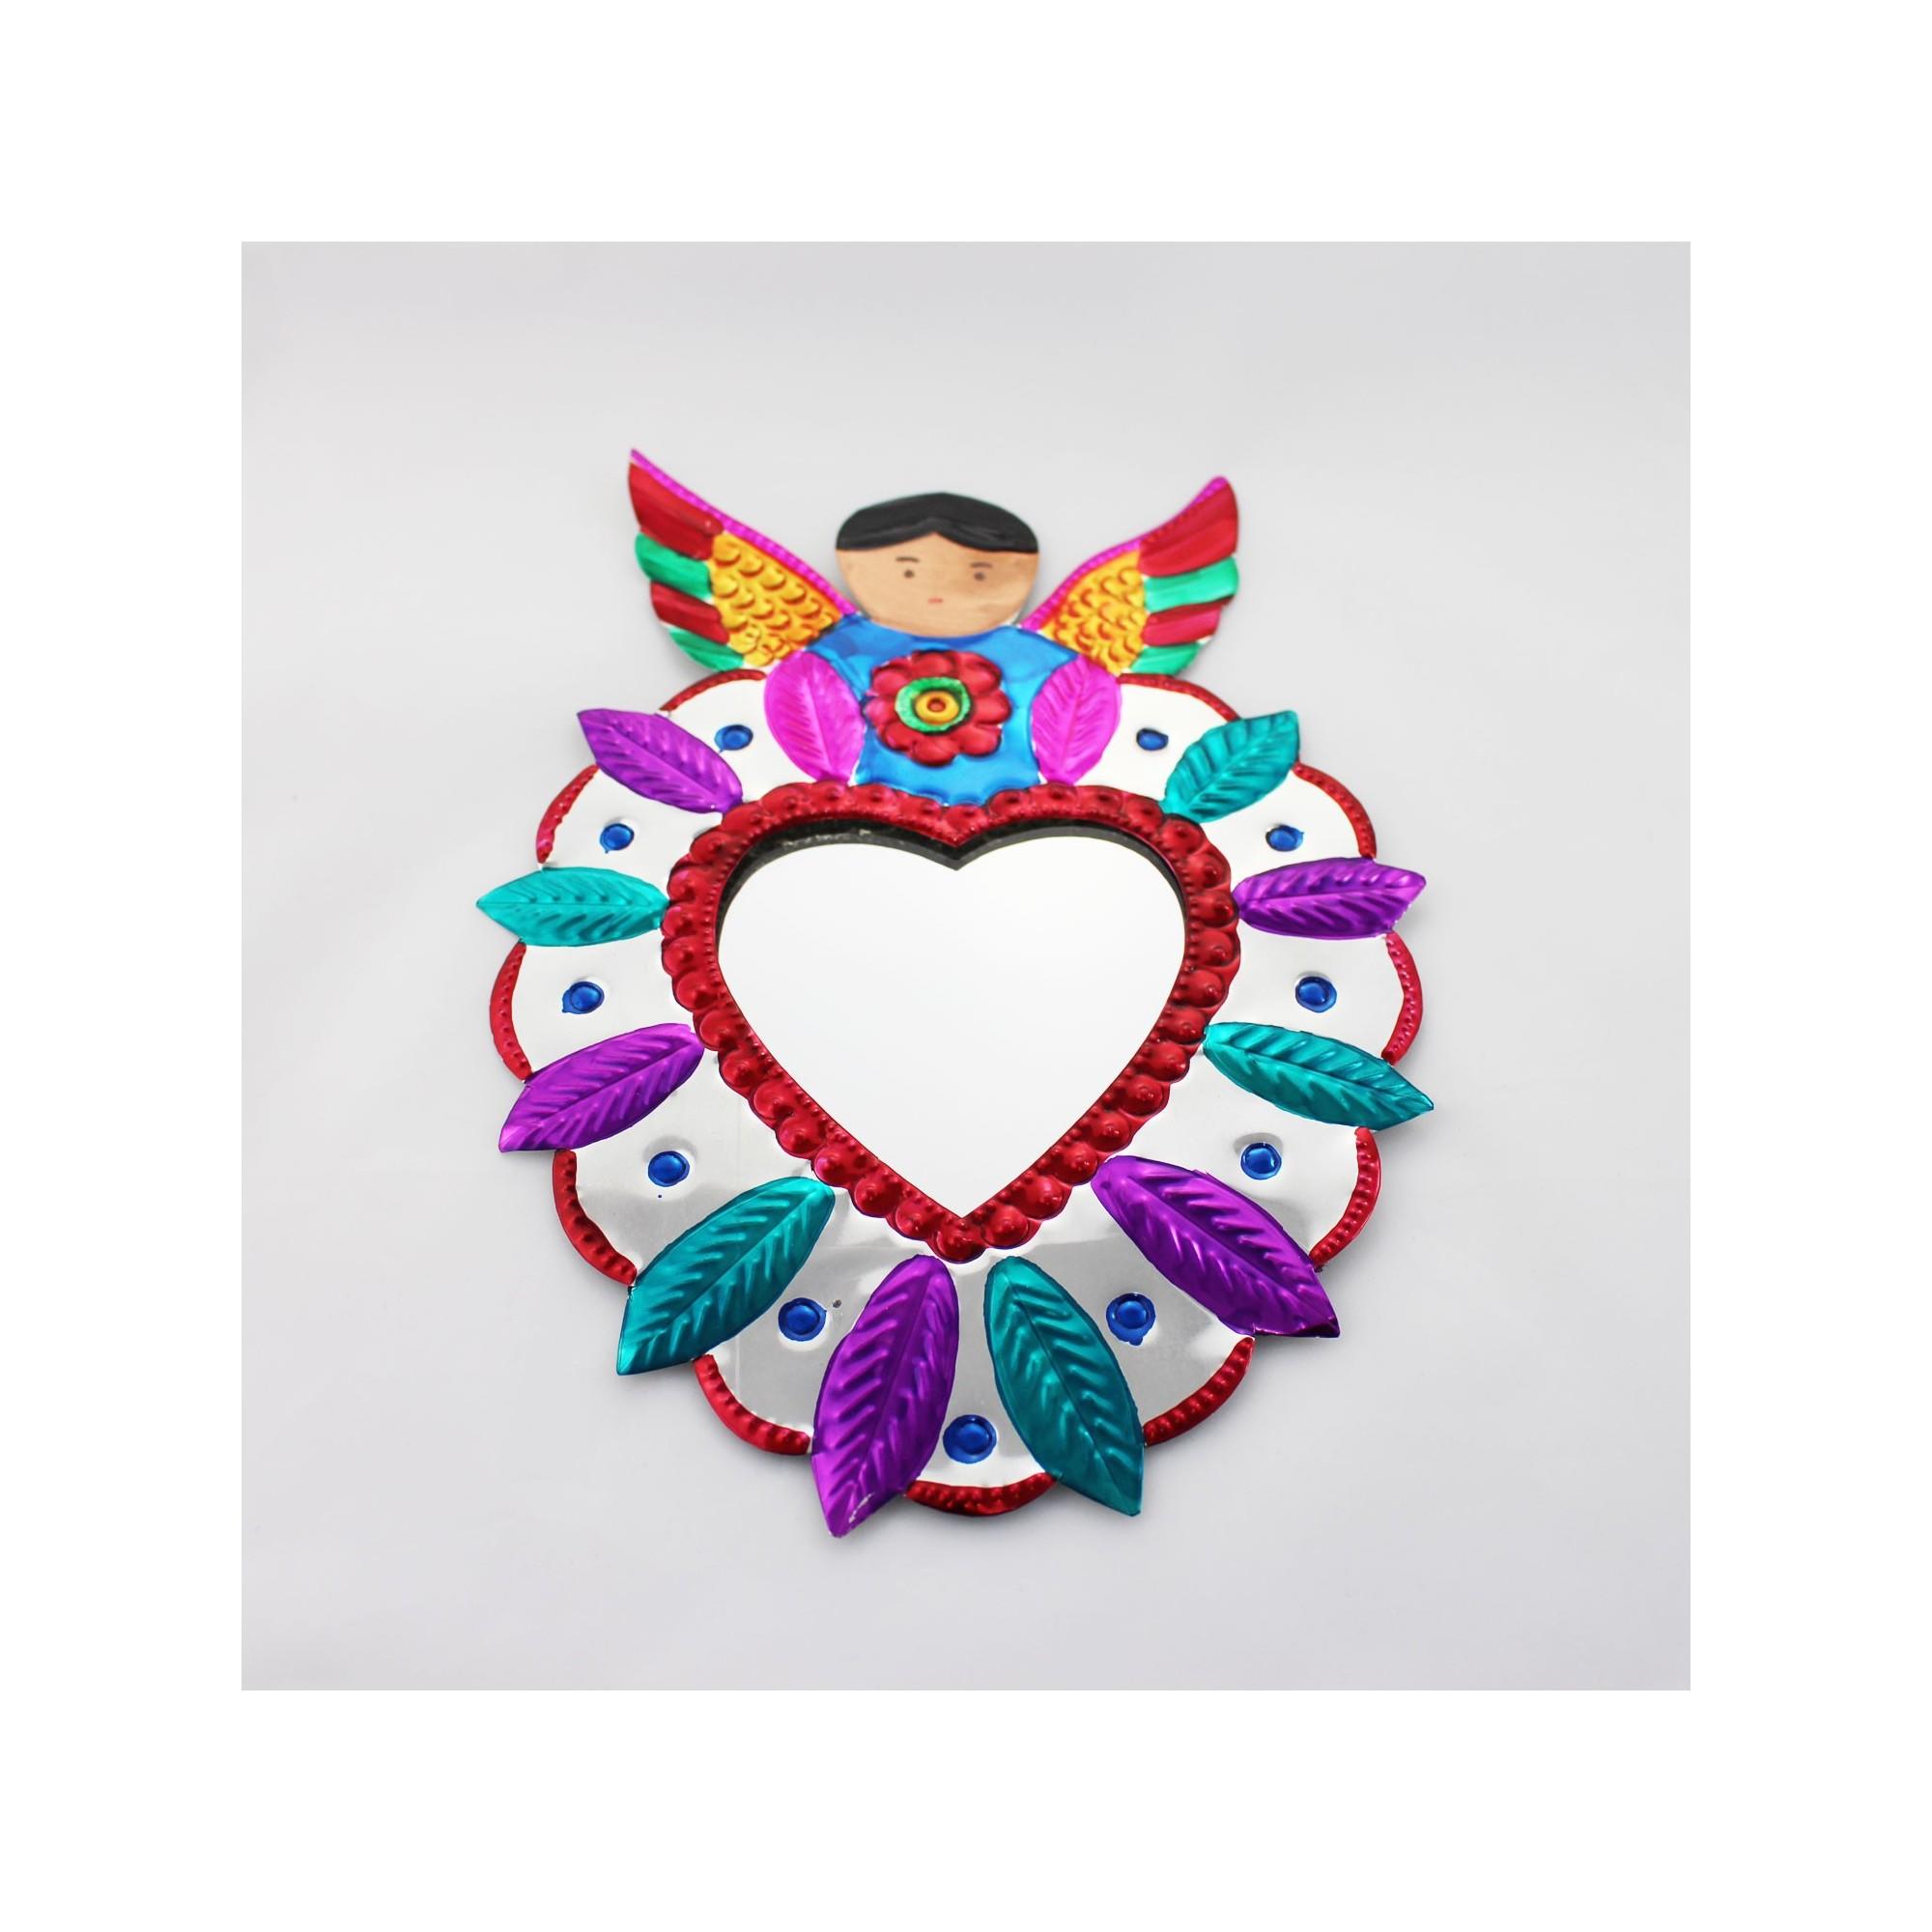 Deko-Wandspiegel Herz mit Engel, Wanddeko kaufen